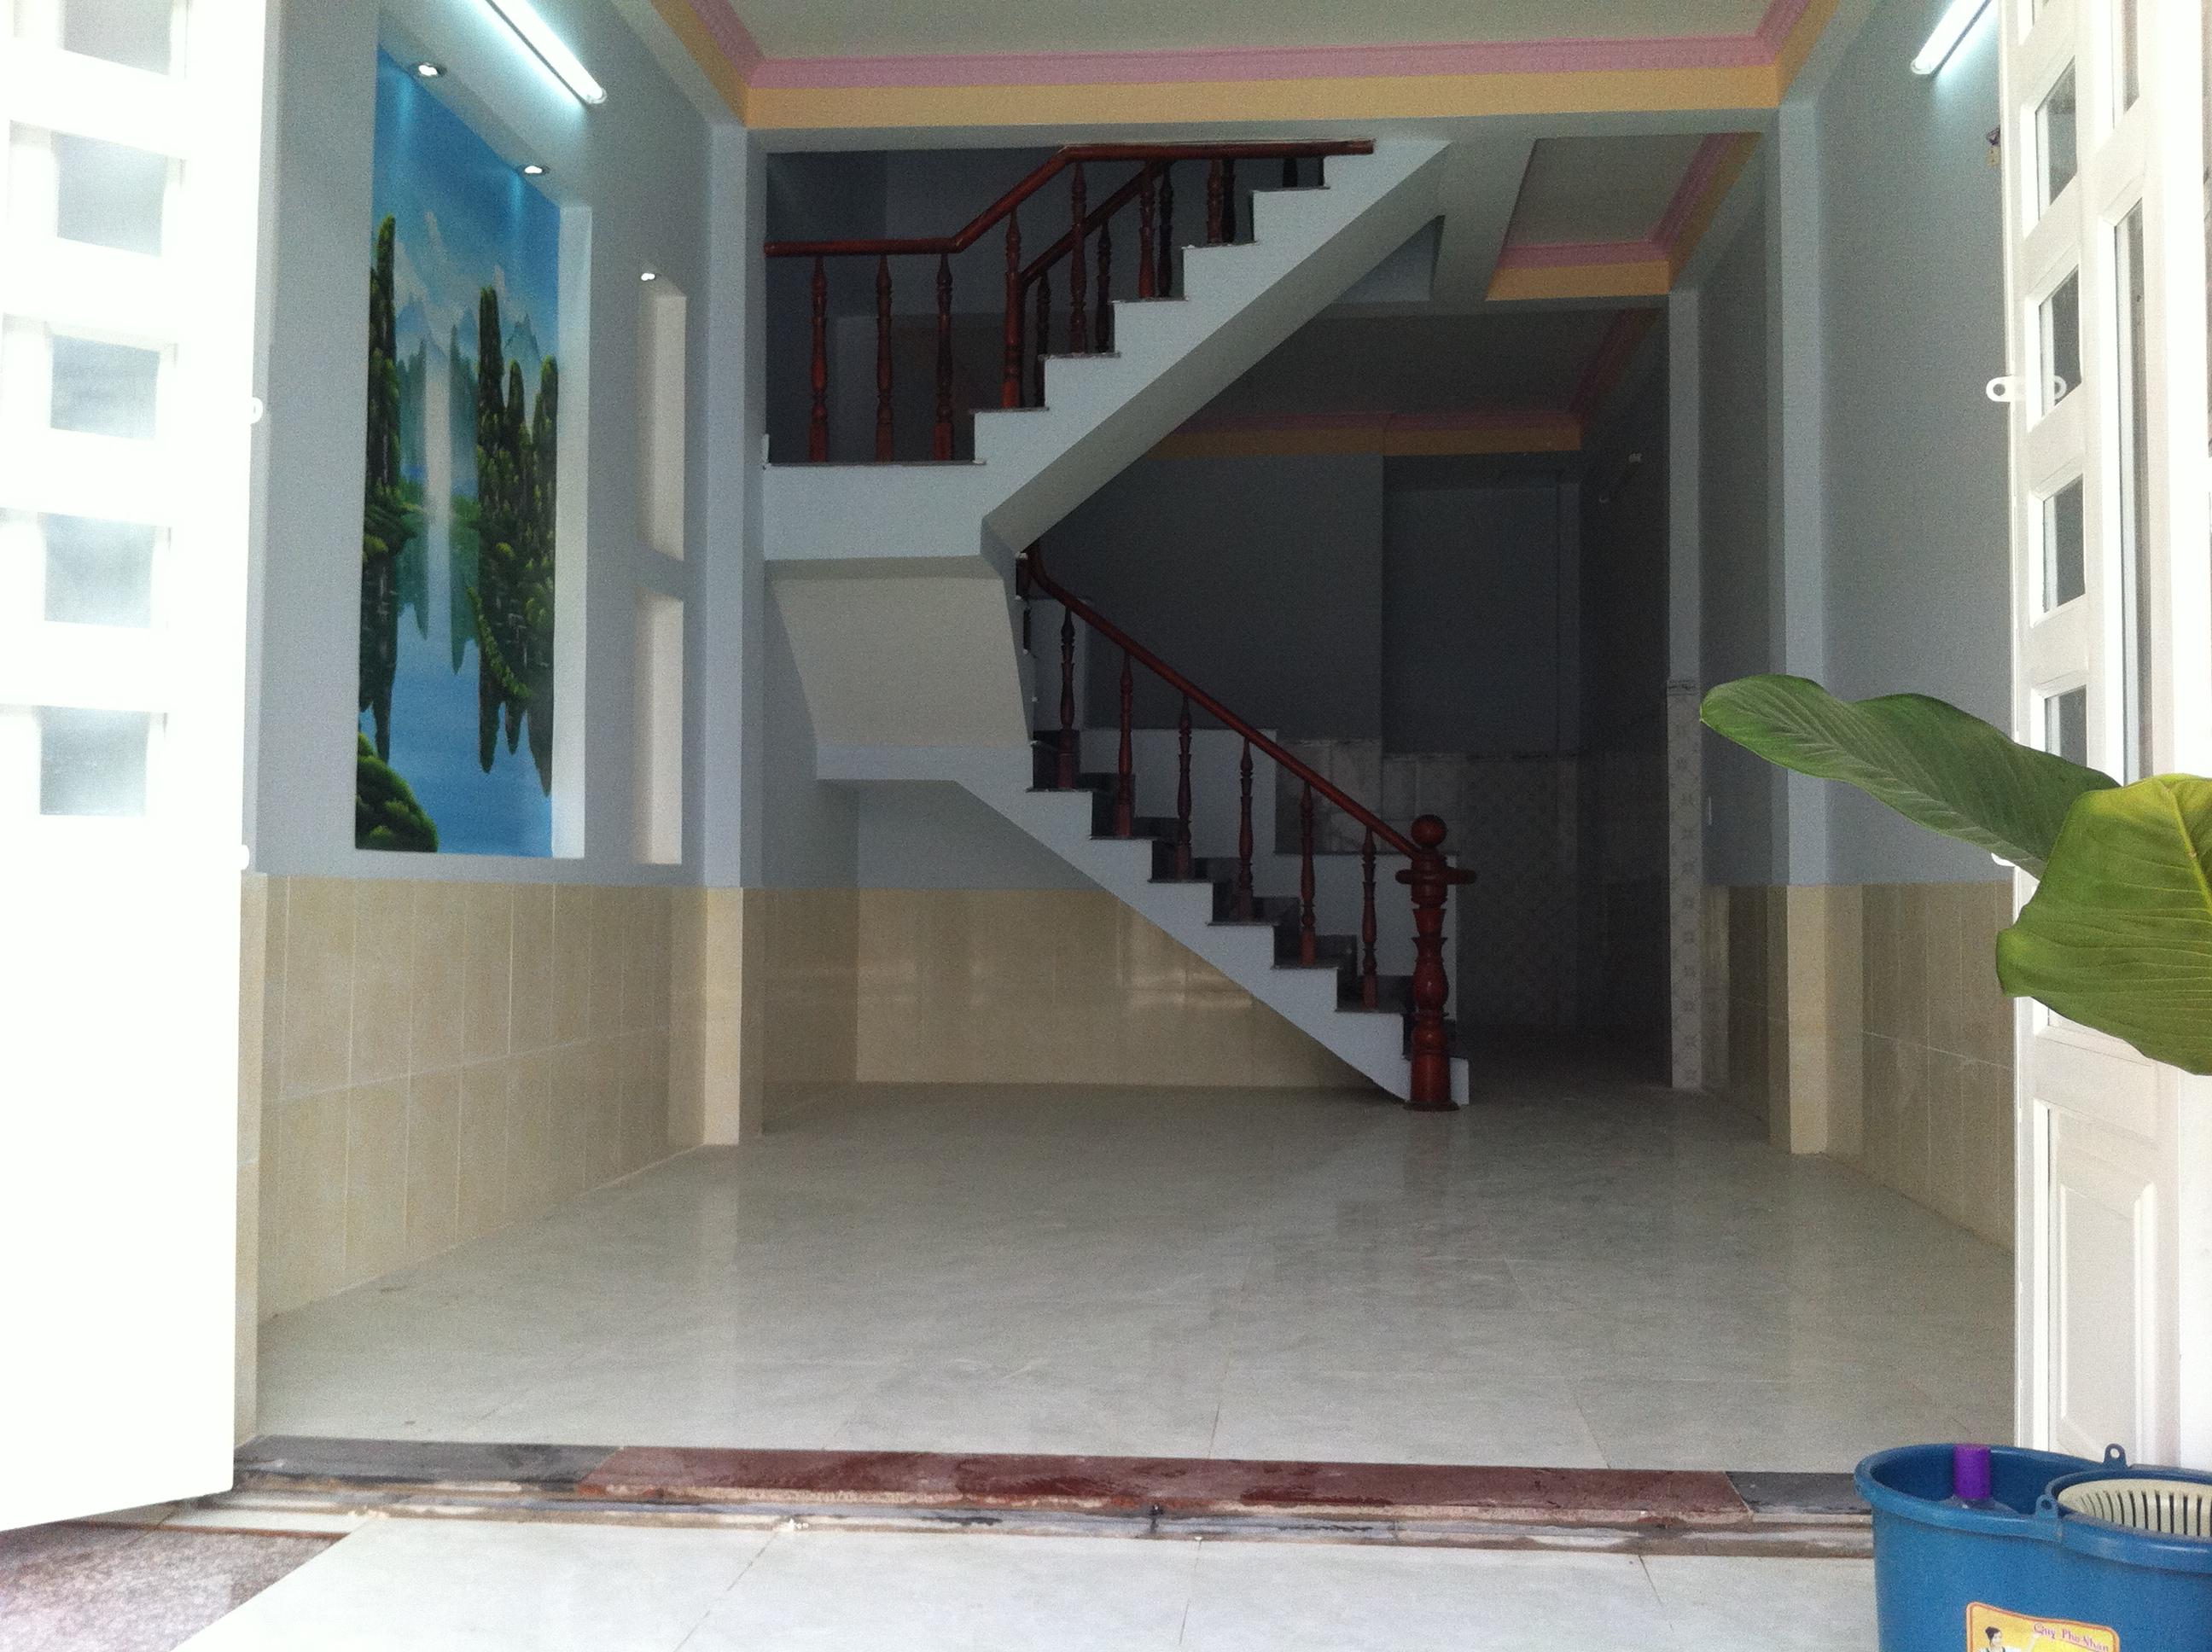 không gian phòng khách Nhà cần bán nằm ngay cổng sau KCN Visip , KCN Vietnam singapore. KCN sóng thần 1,2 thị xã dĩ an